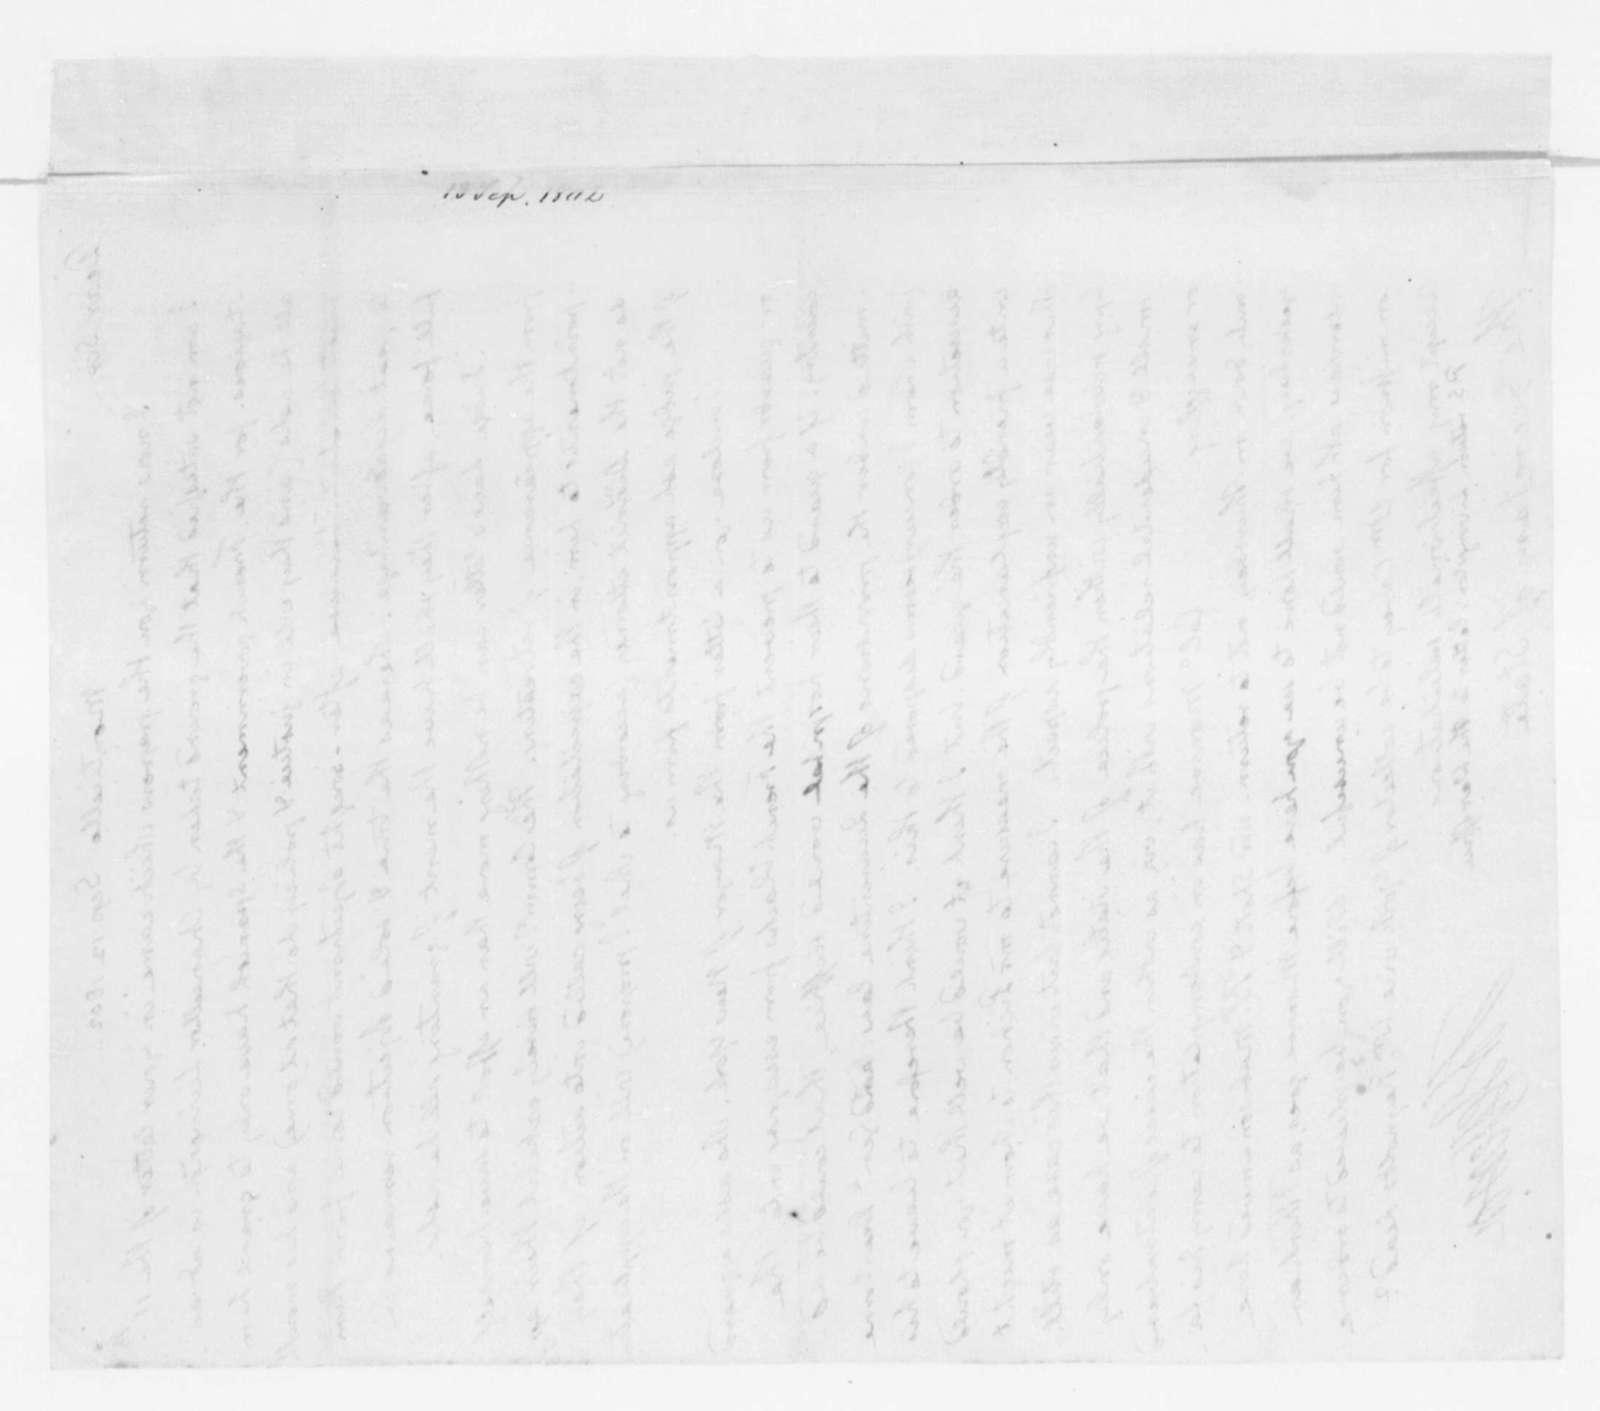 Thomas Jefferson to James Madison, September 13, 1802.